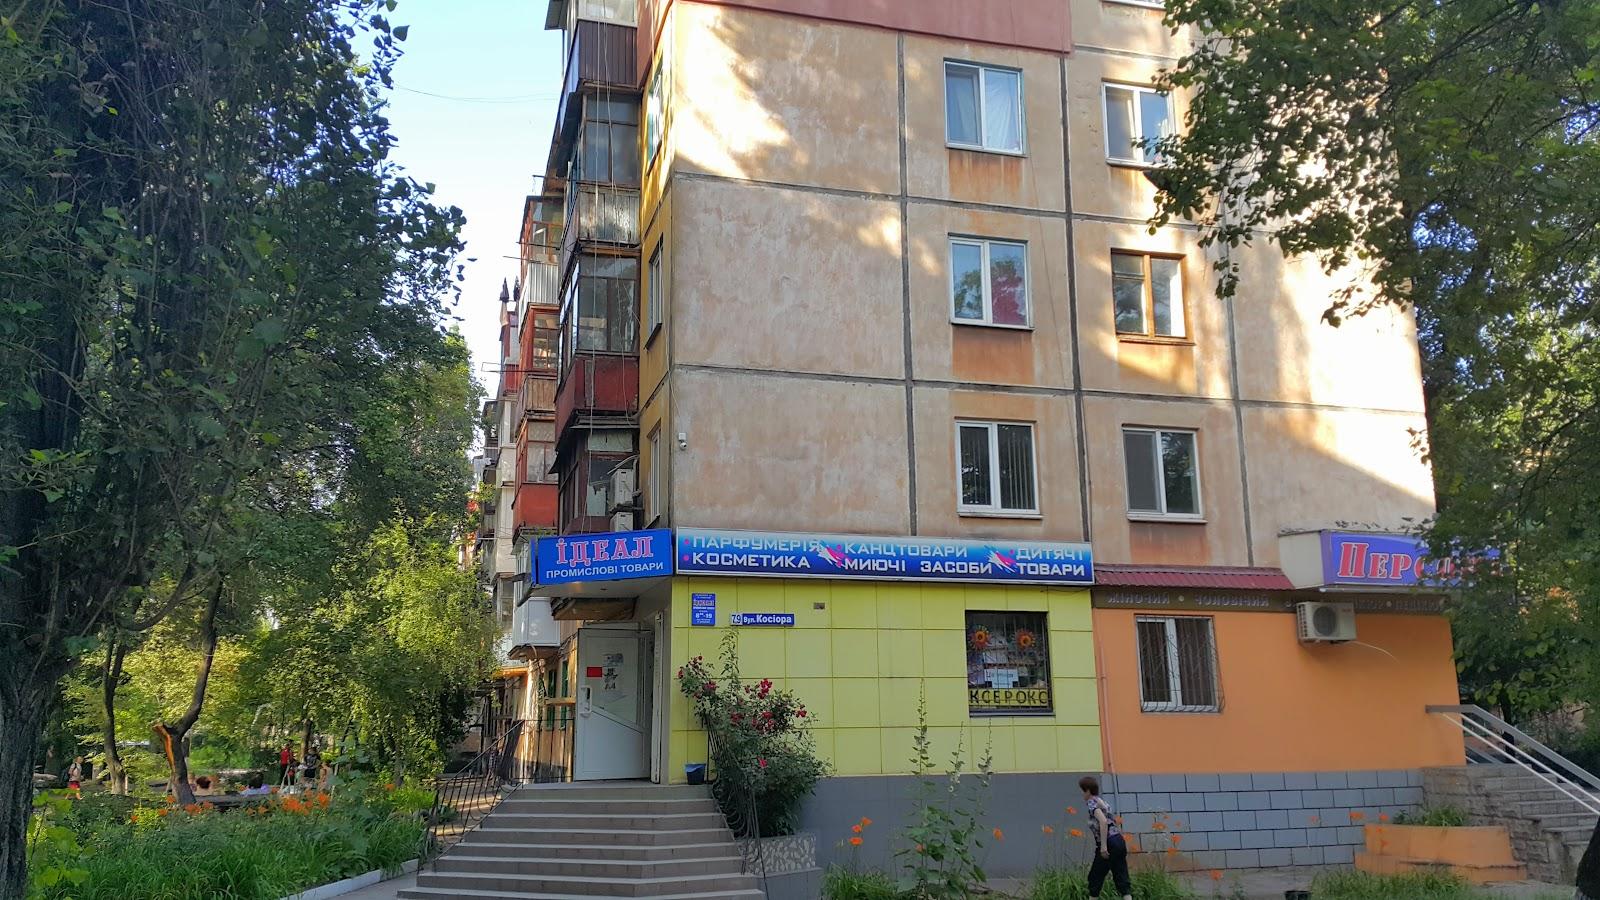 3-комнатная квартира по ул. Косиора на 4/5 эт. дома. Объект продан